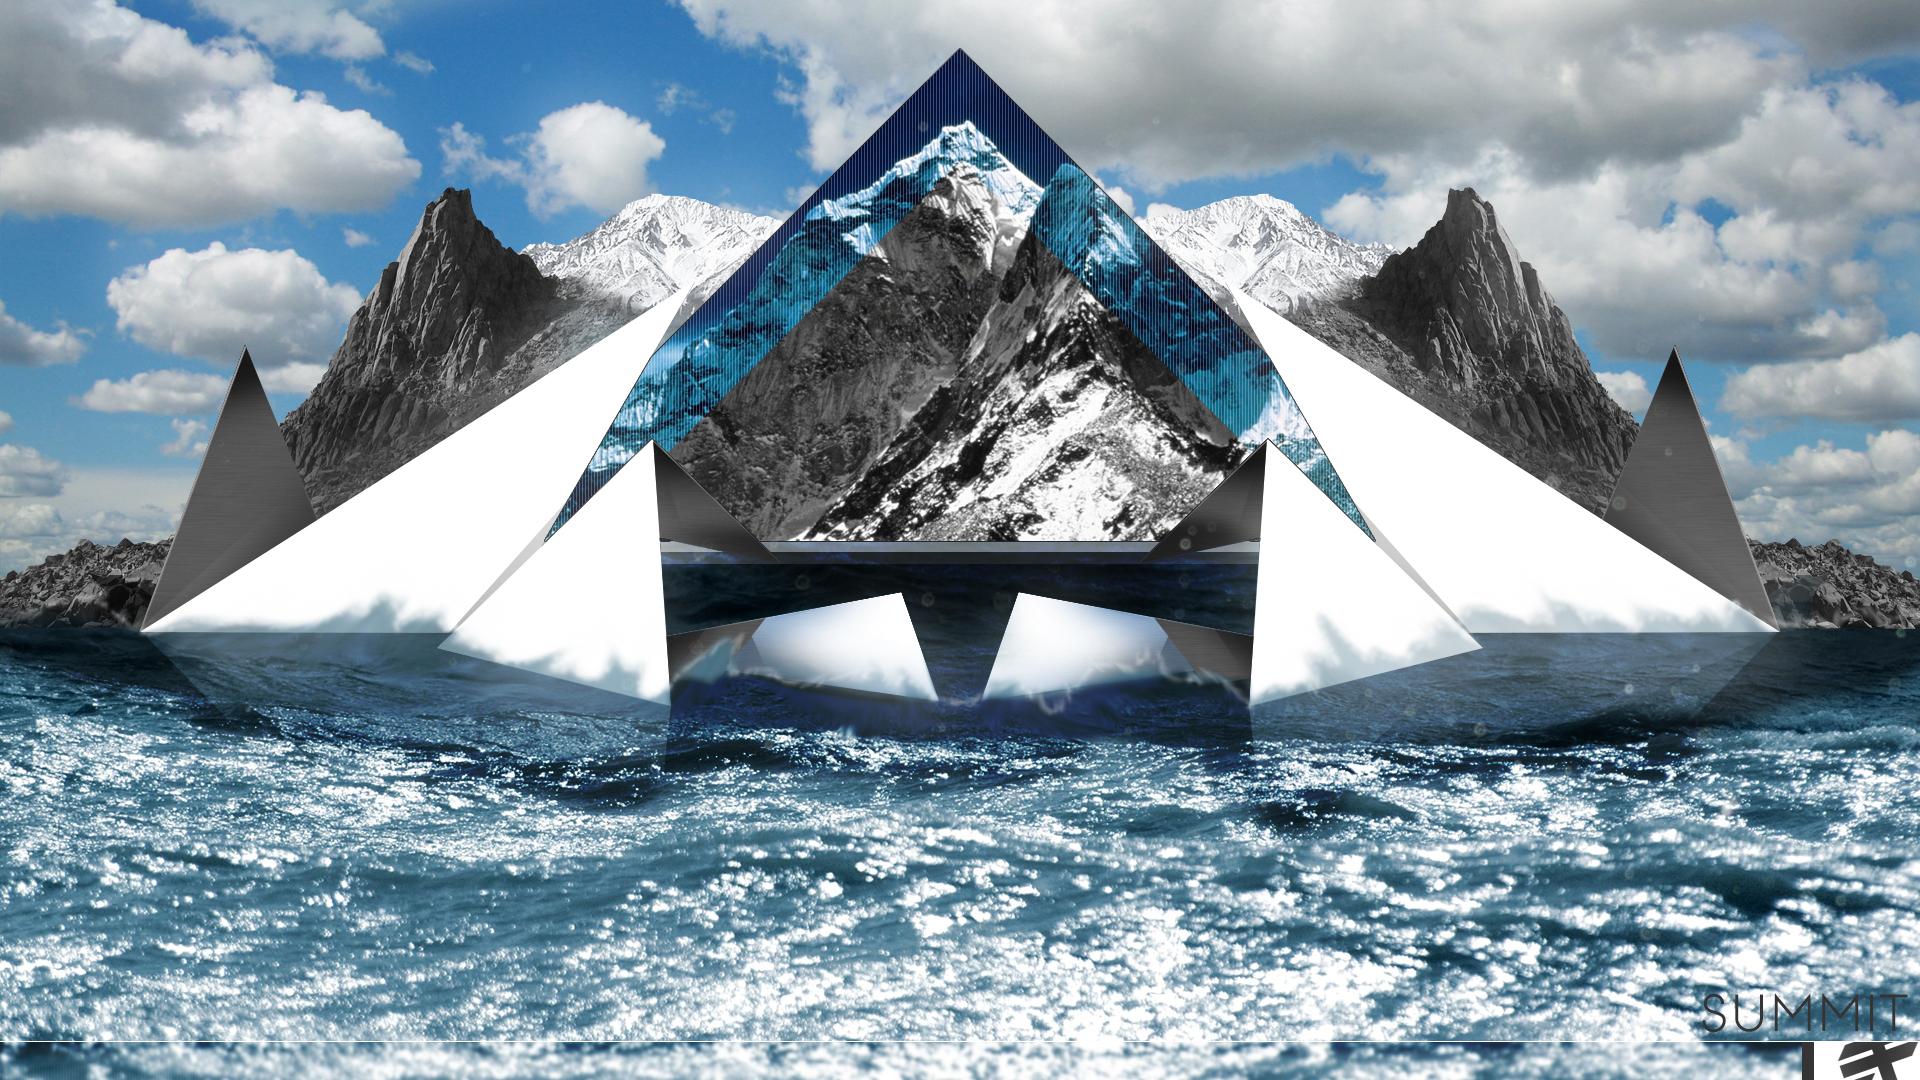 Summit by EvoraFlux